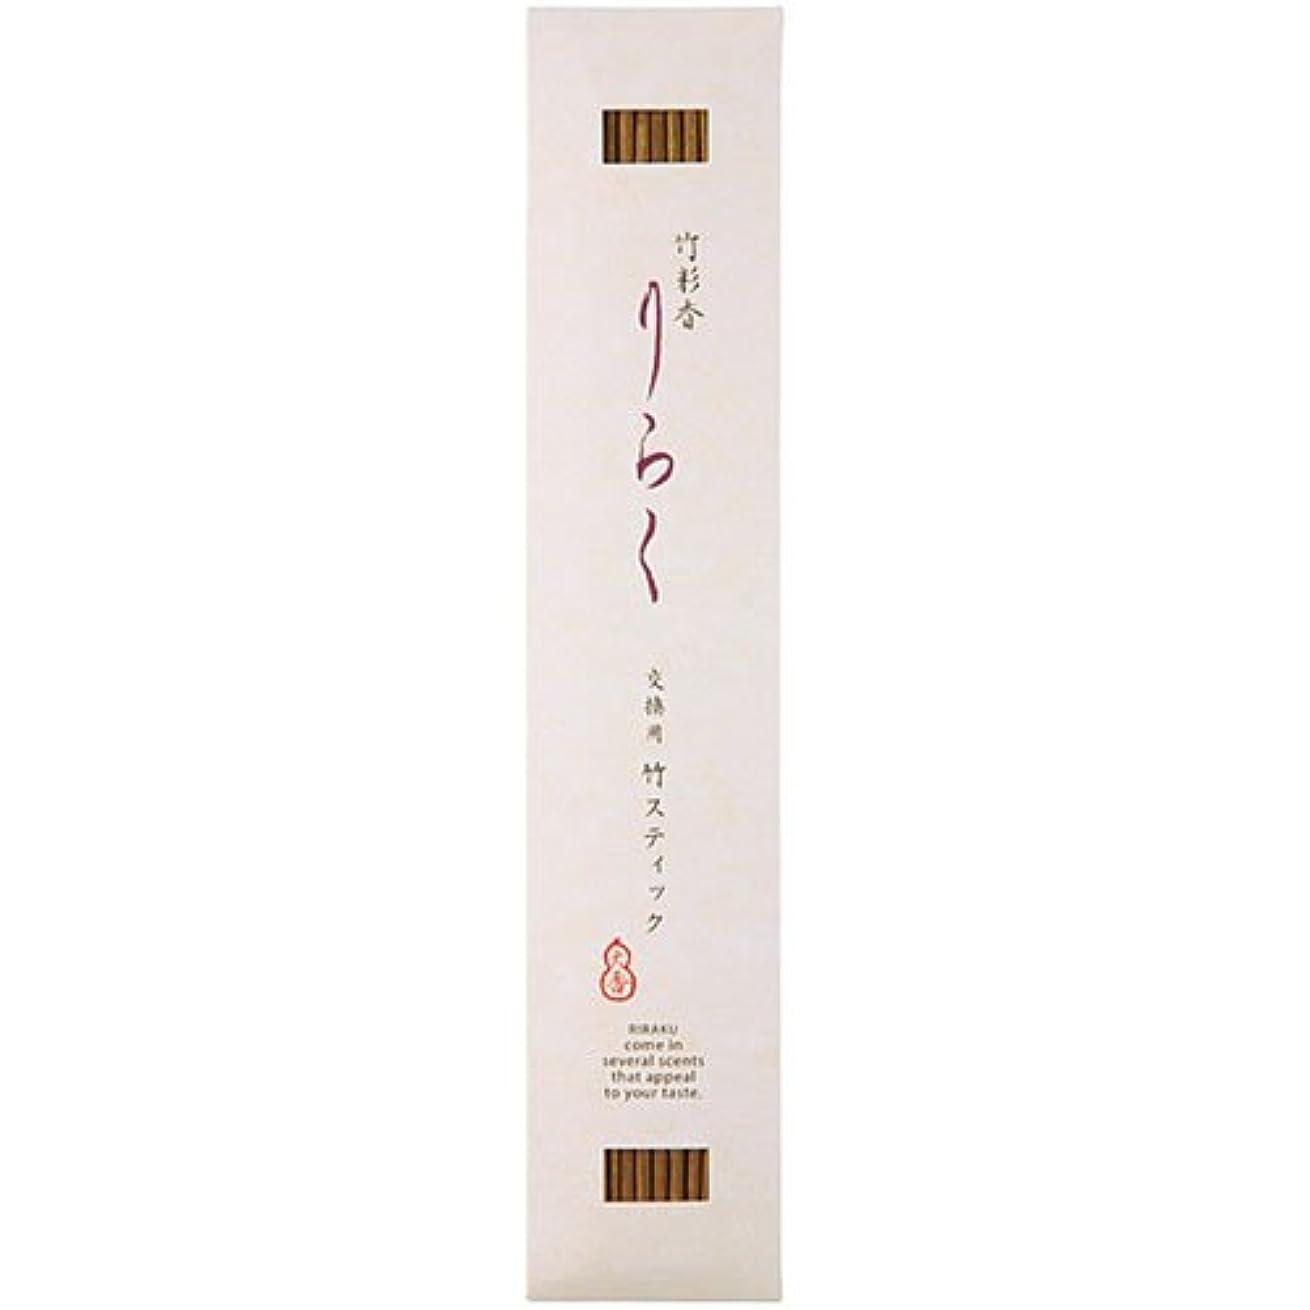 役立つプランター時期尚早竹彩香りらく 交換用竹スティック白檀の色 10本